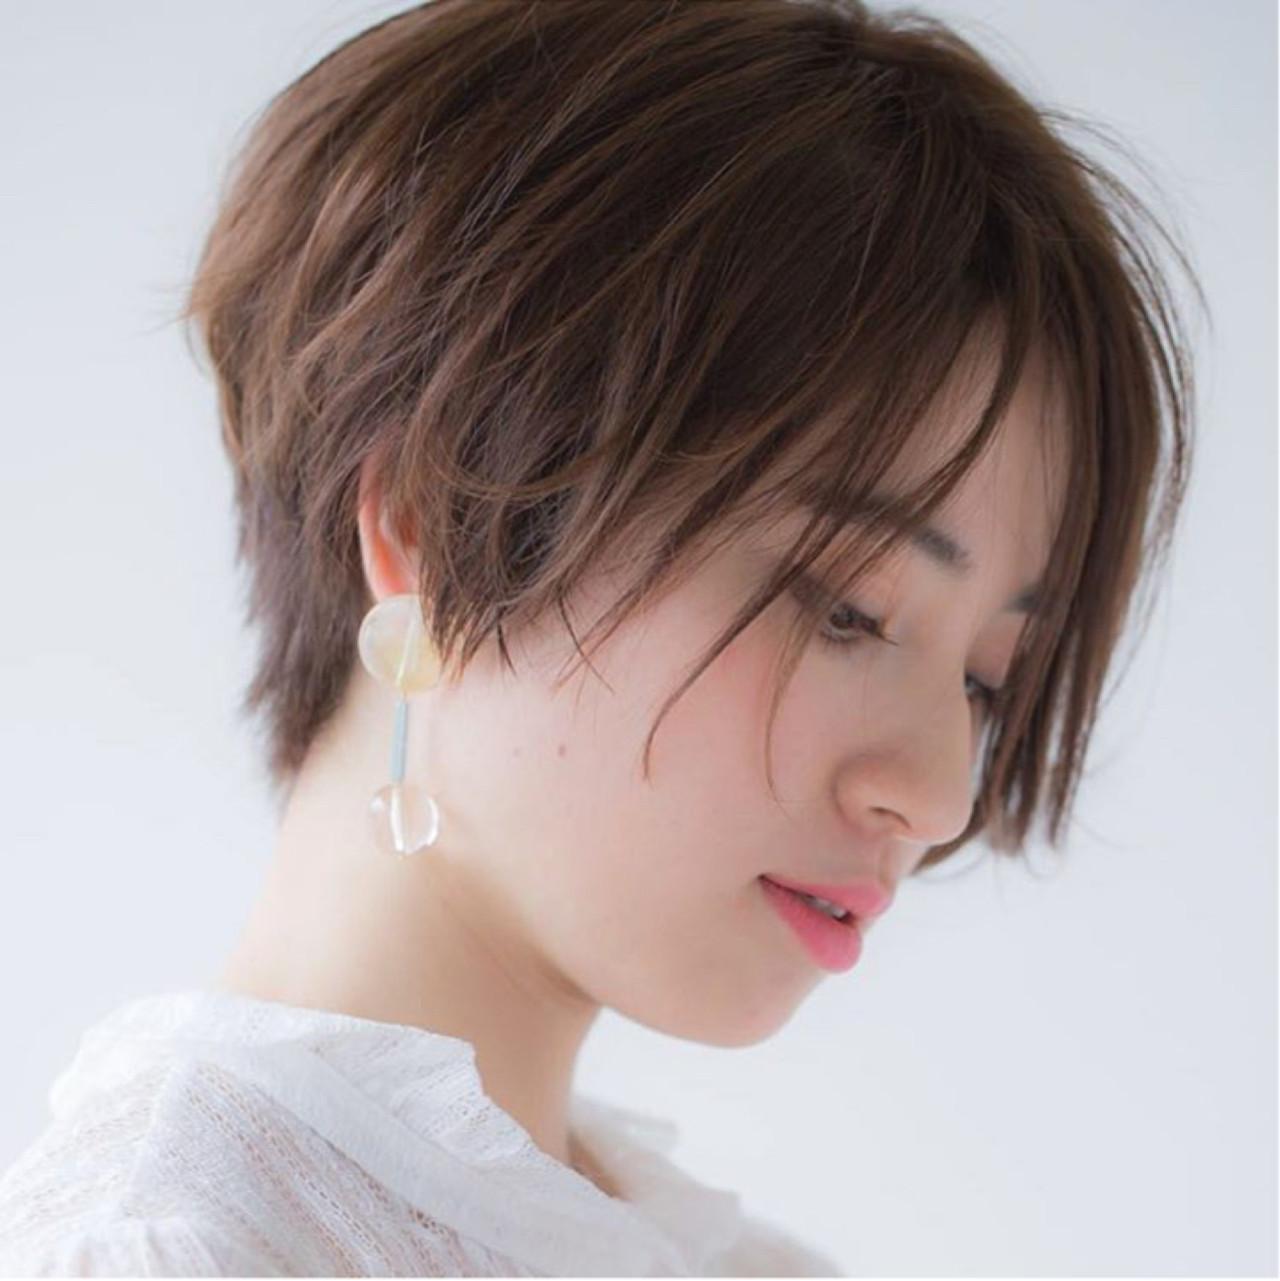 きれいなセンター分けが知りたい!センター分け美人のヘアカタログ10選 菅沼宏恵